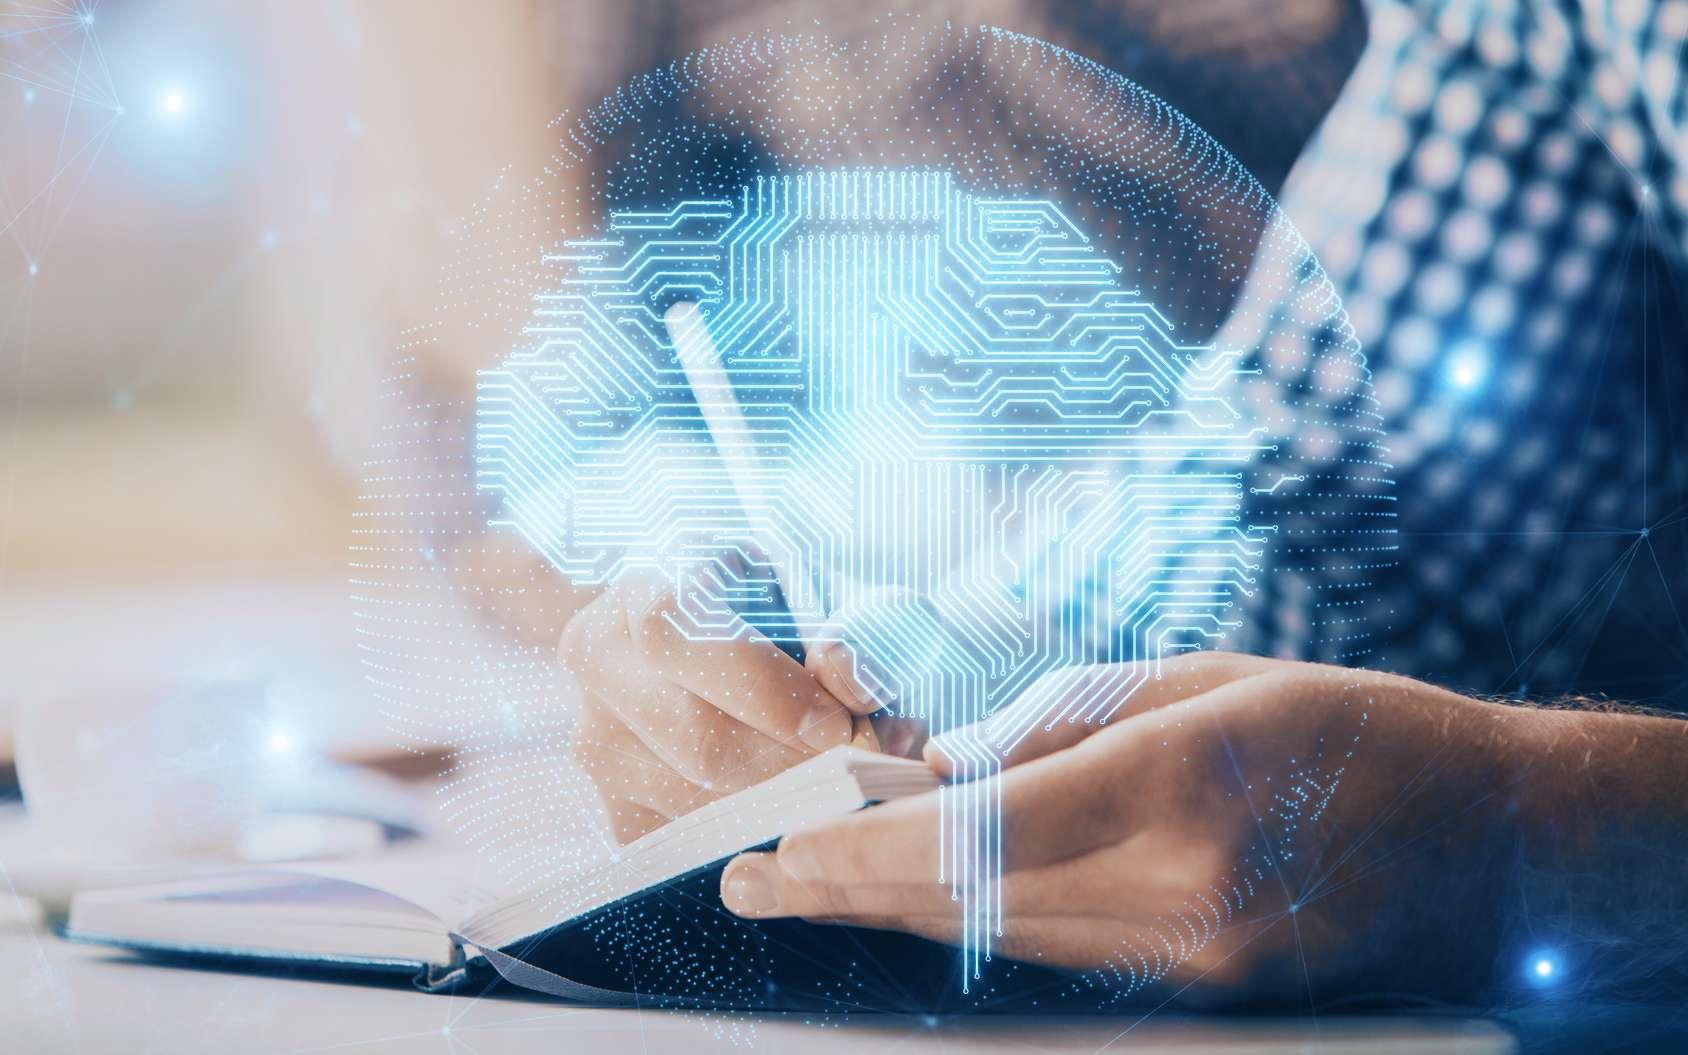 Malgré les discours très ambitieux de Facebook et Elon Musk, les interfaces cerveau-machine ont encore beaucoup de progrès à faire. © Peshkova, Fotolia